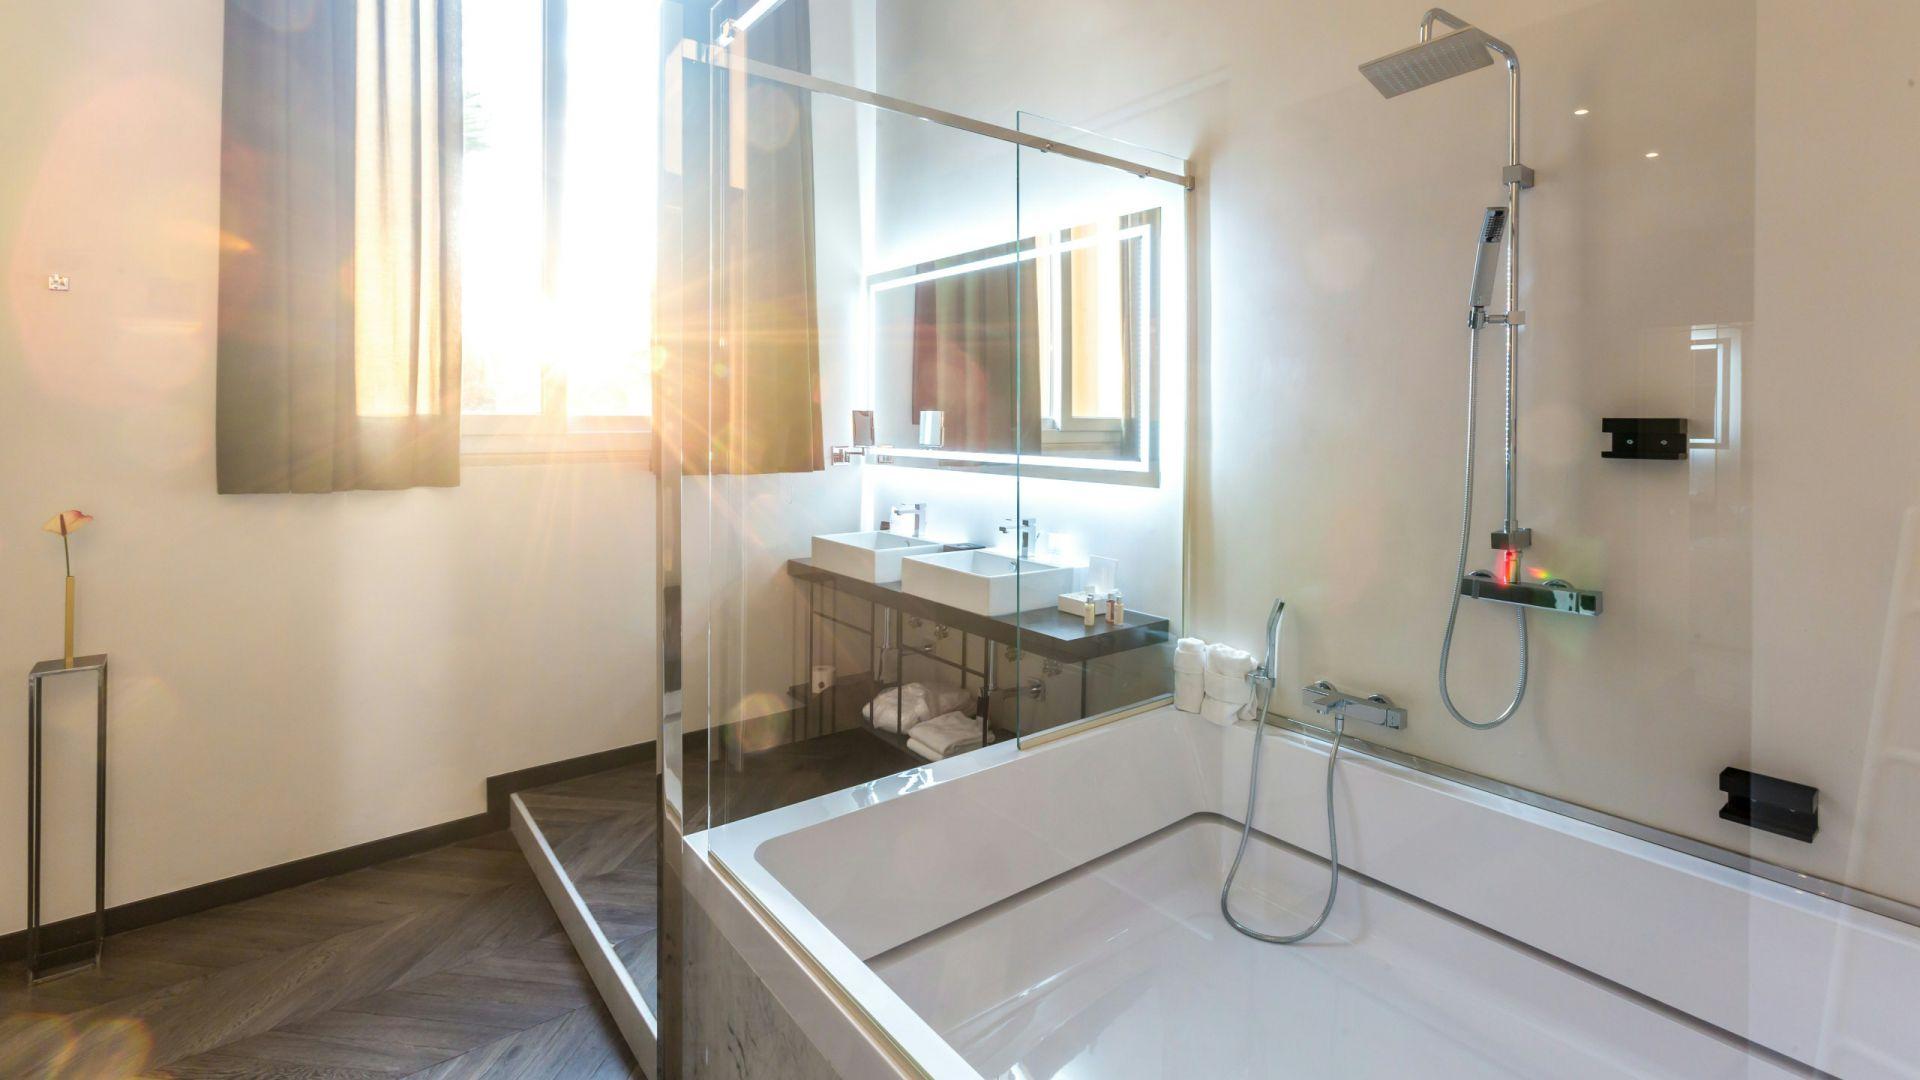 theallhotel-suite-0560